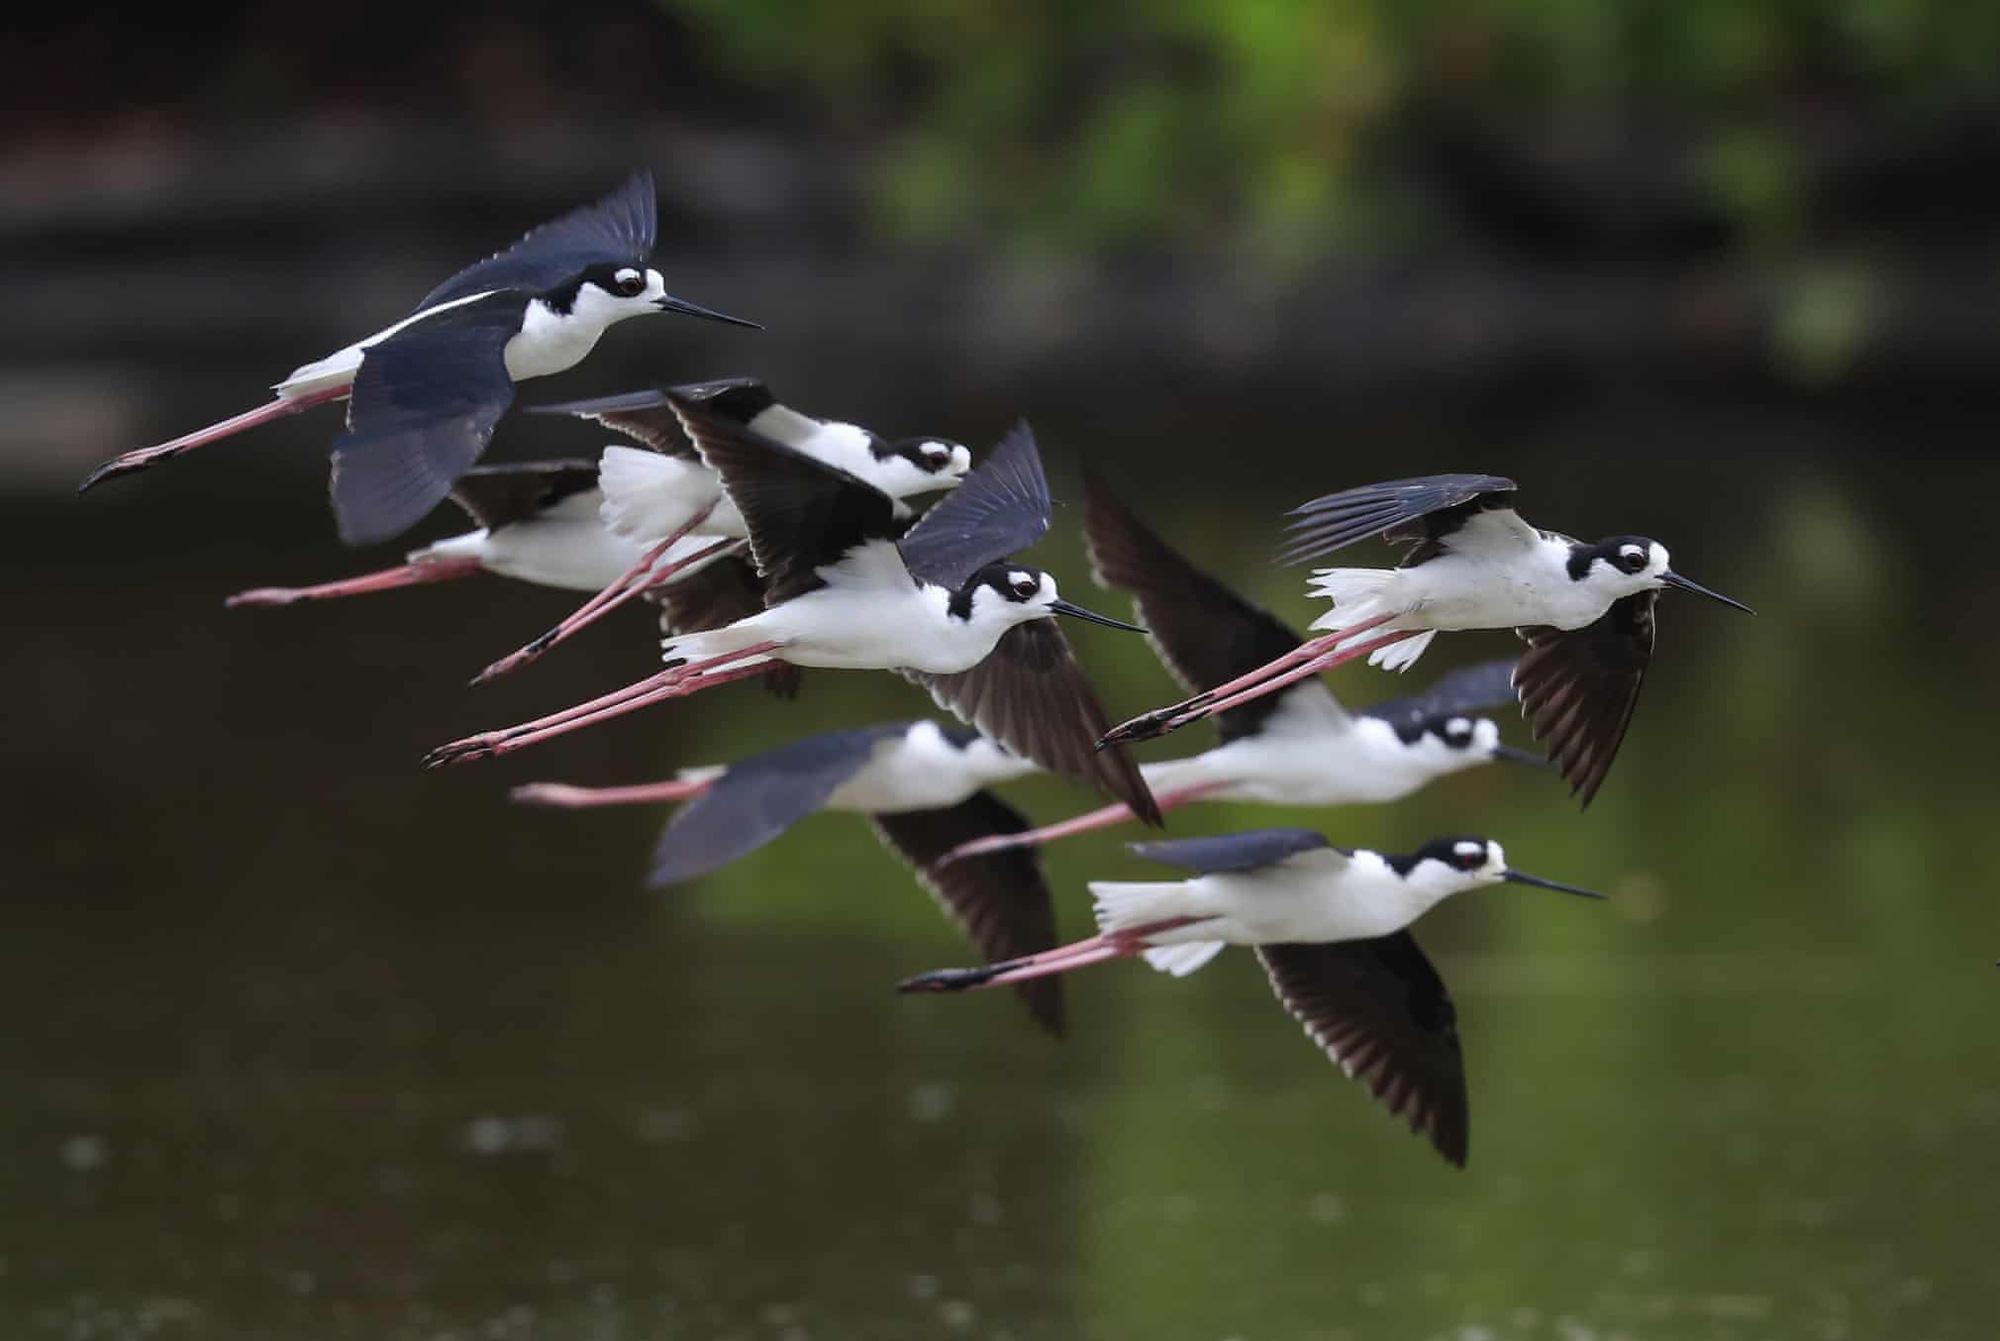 Đại bàng đầu trắng tóm con mồi lọt top 15 ảnh động vật đẹp tuần qua - Ảnh 2.